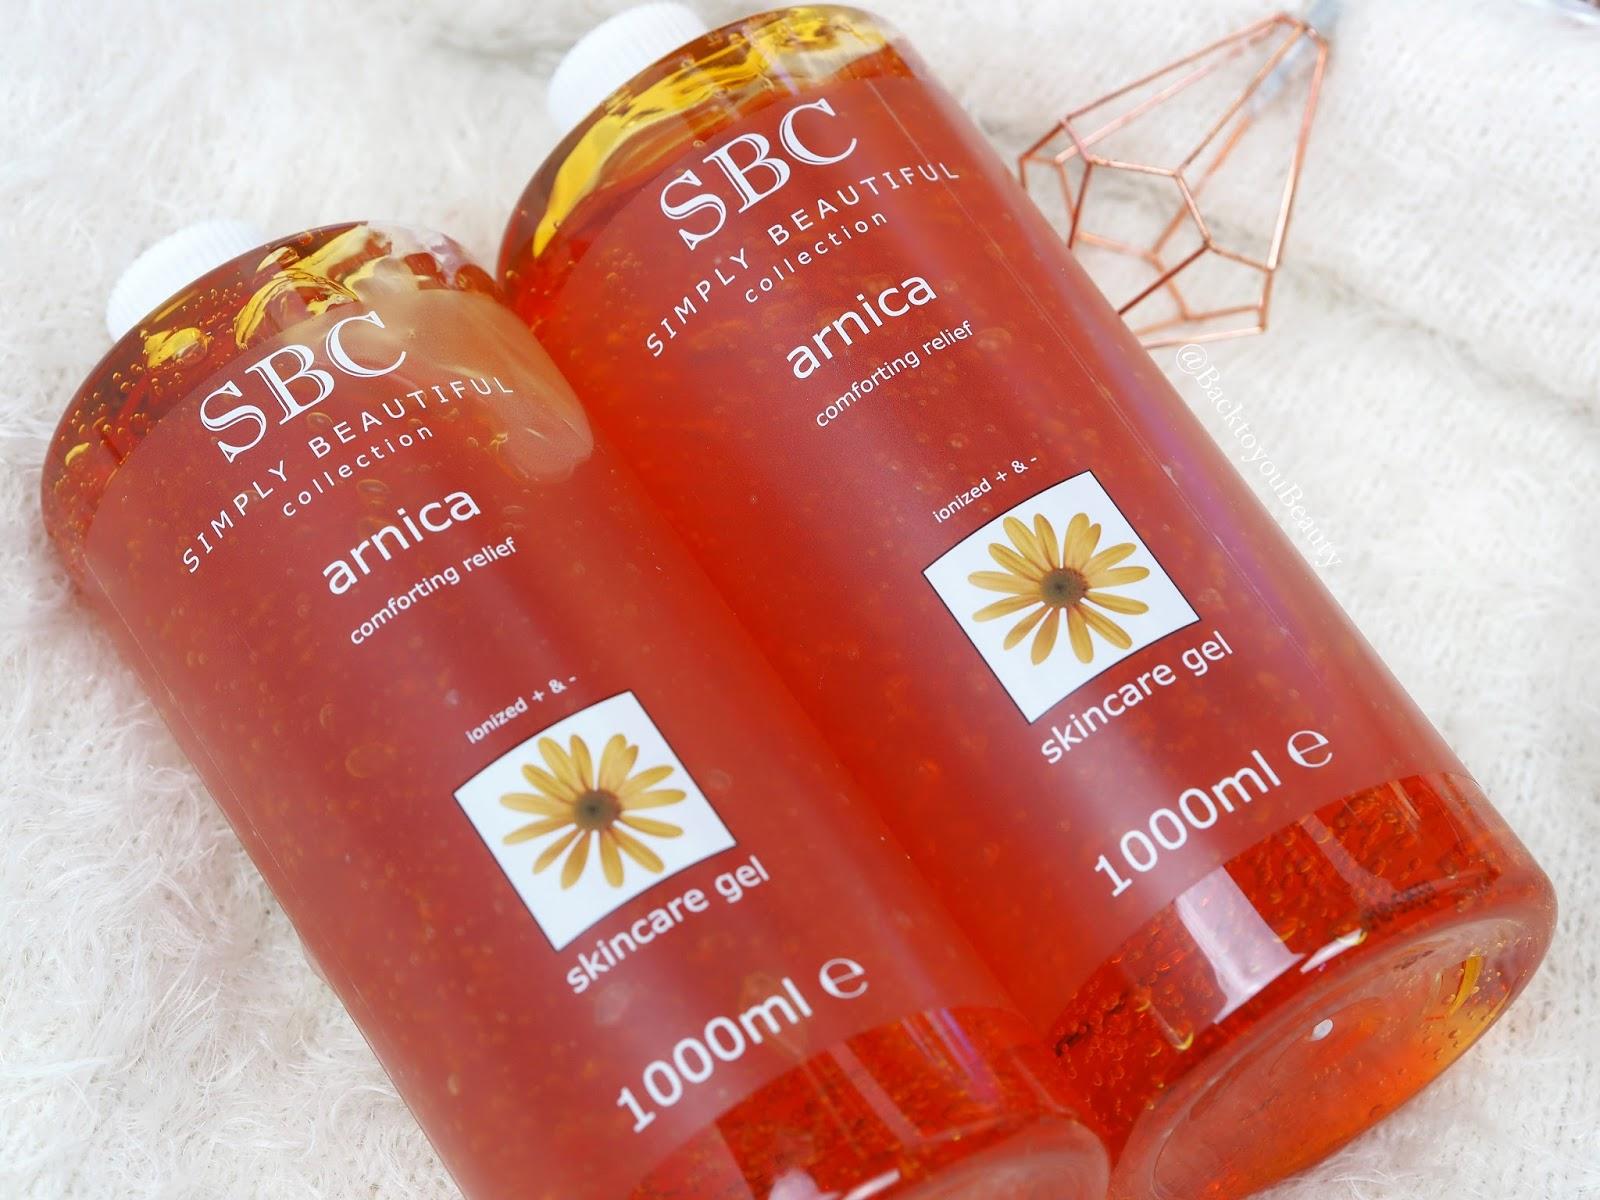 SBC Arnica Skincare Gel 1 litre Duo